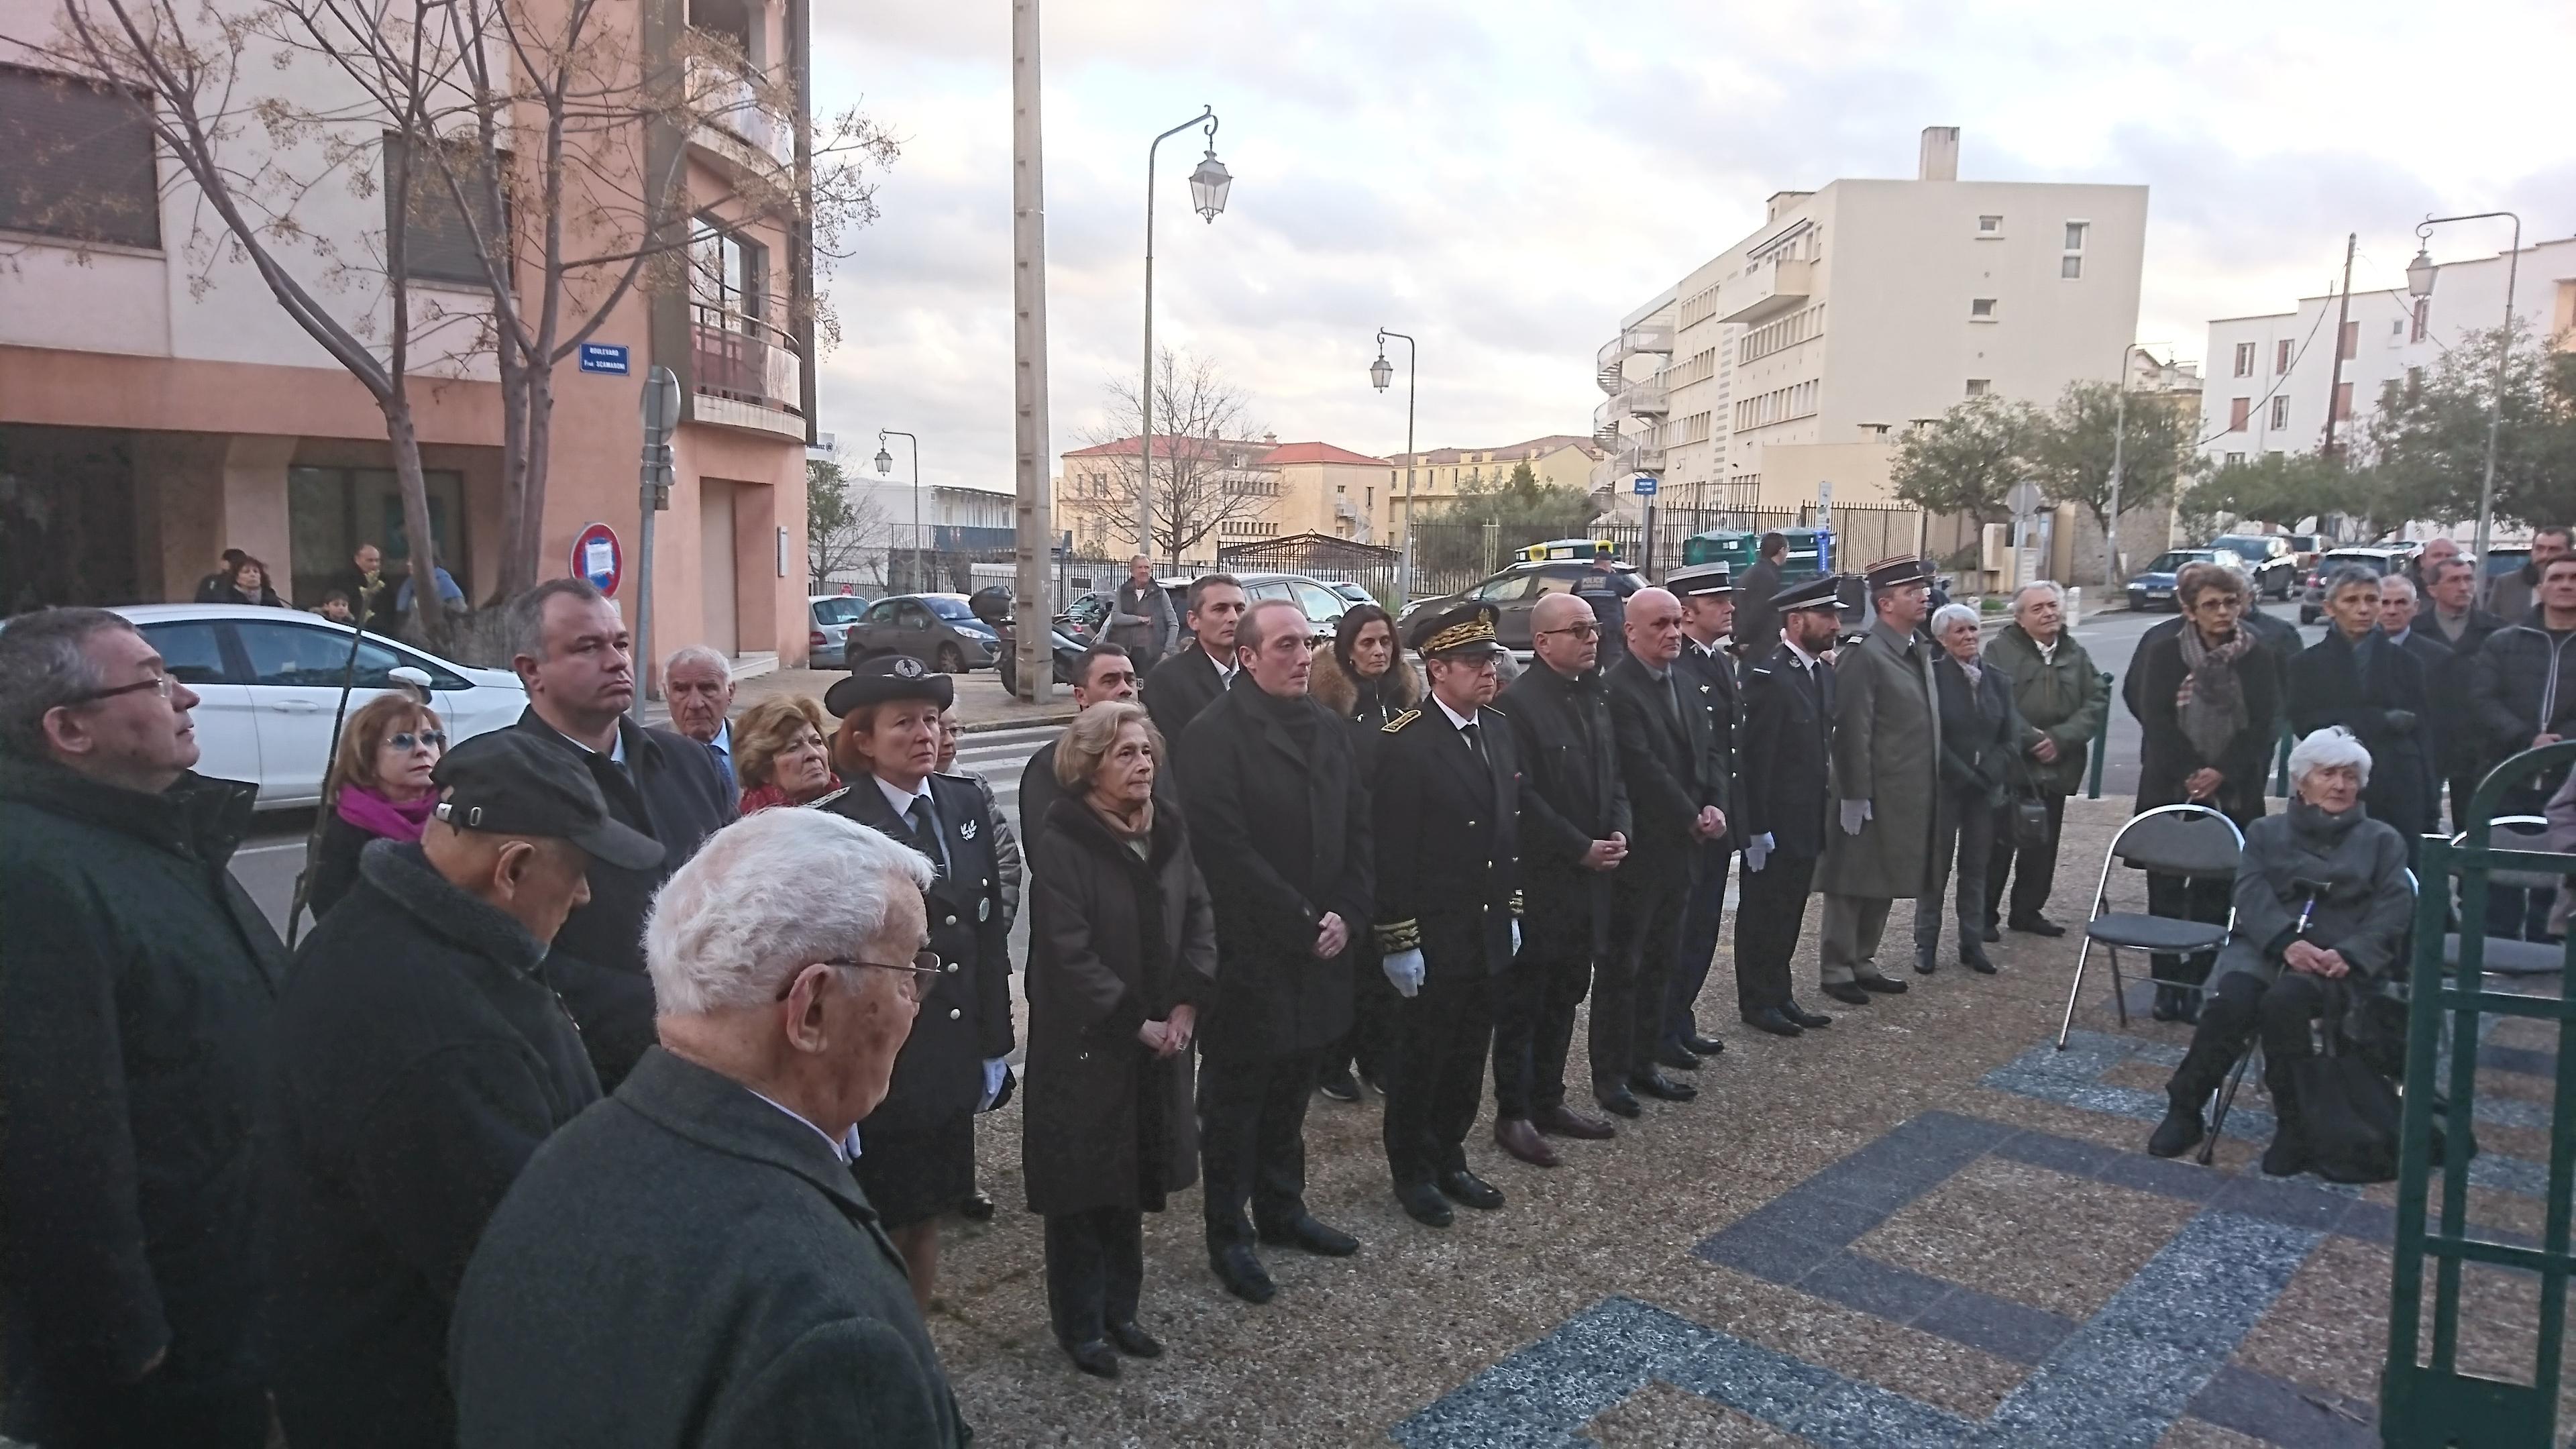 Une trentaine de personnes étaient présentes, dont le préfet Bernard Schmeltz, le député Jean-Jacques Ferrara, et le maire ajaccien Laurent Marcangeli.